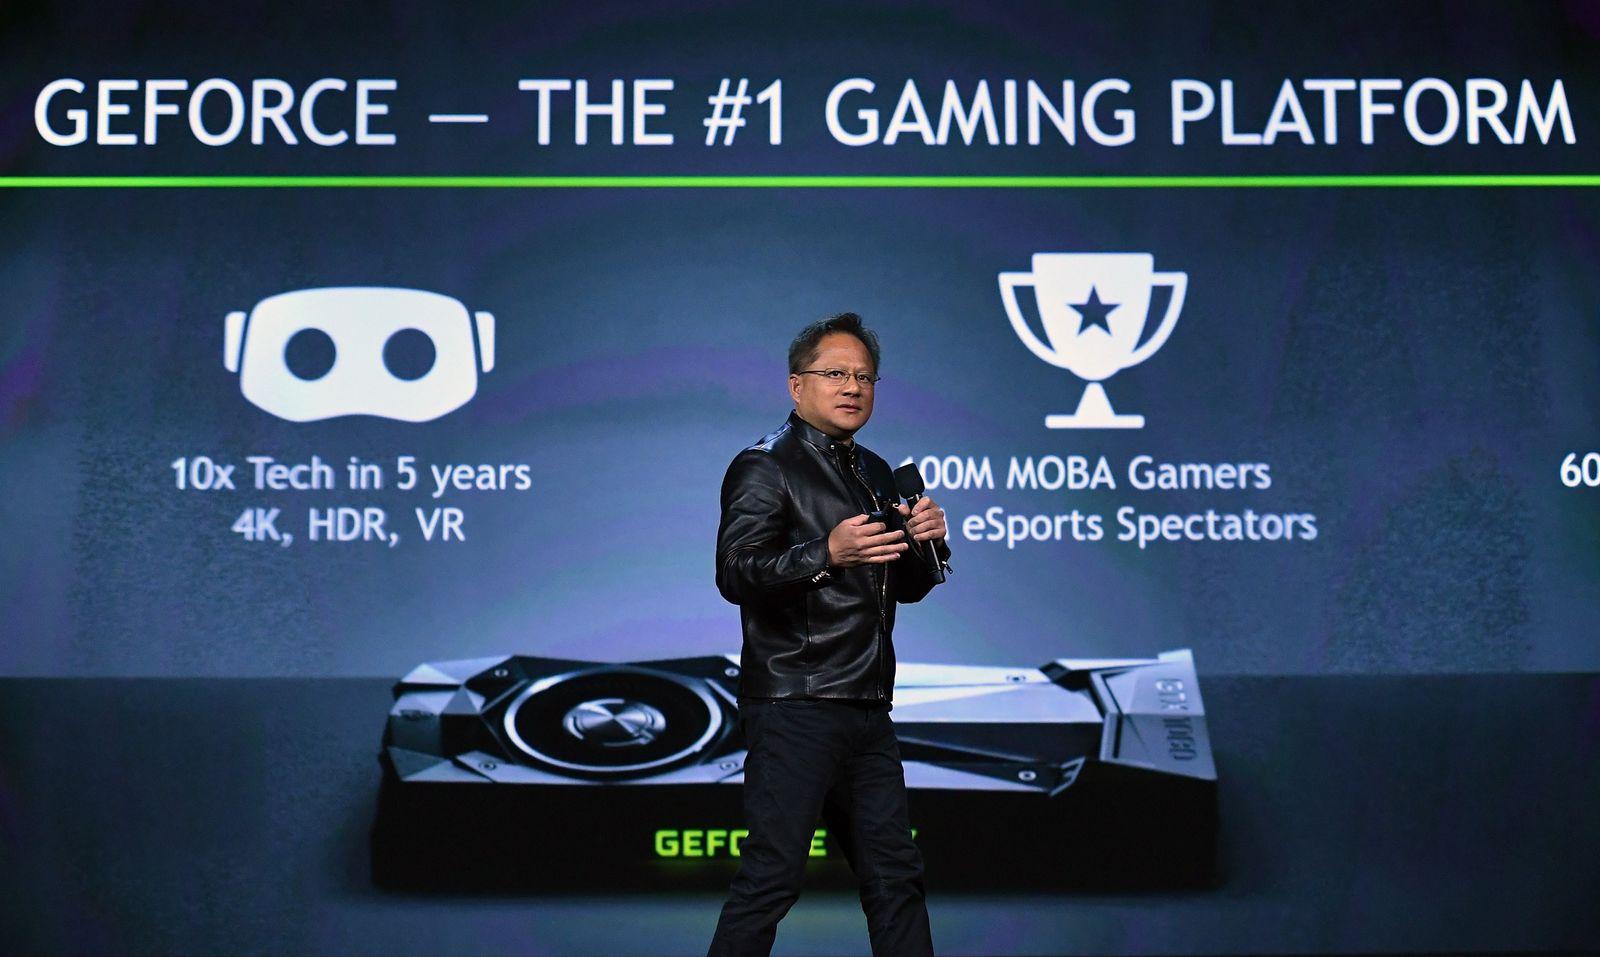 CES 2017/ Nvidia/ Jen-Hsun Huang